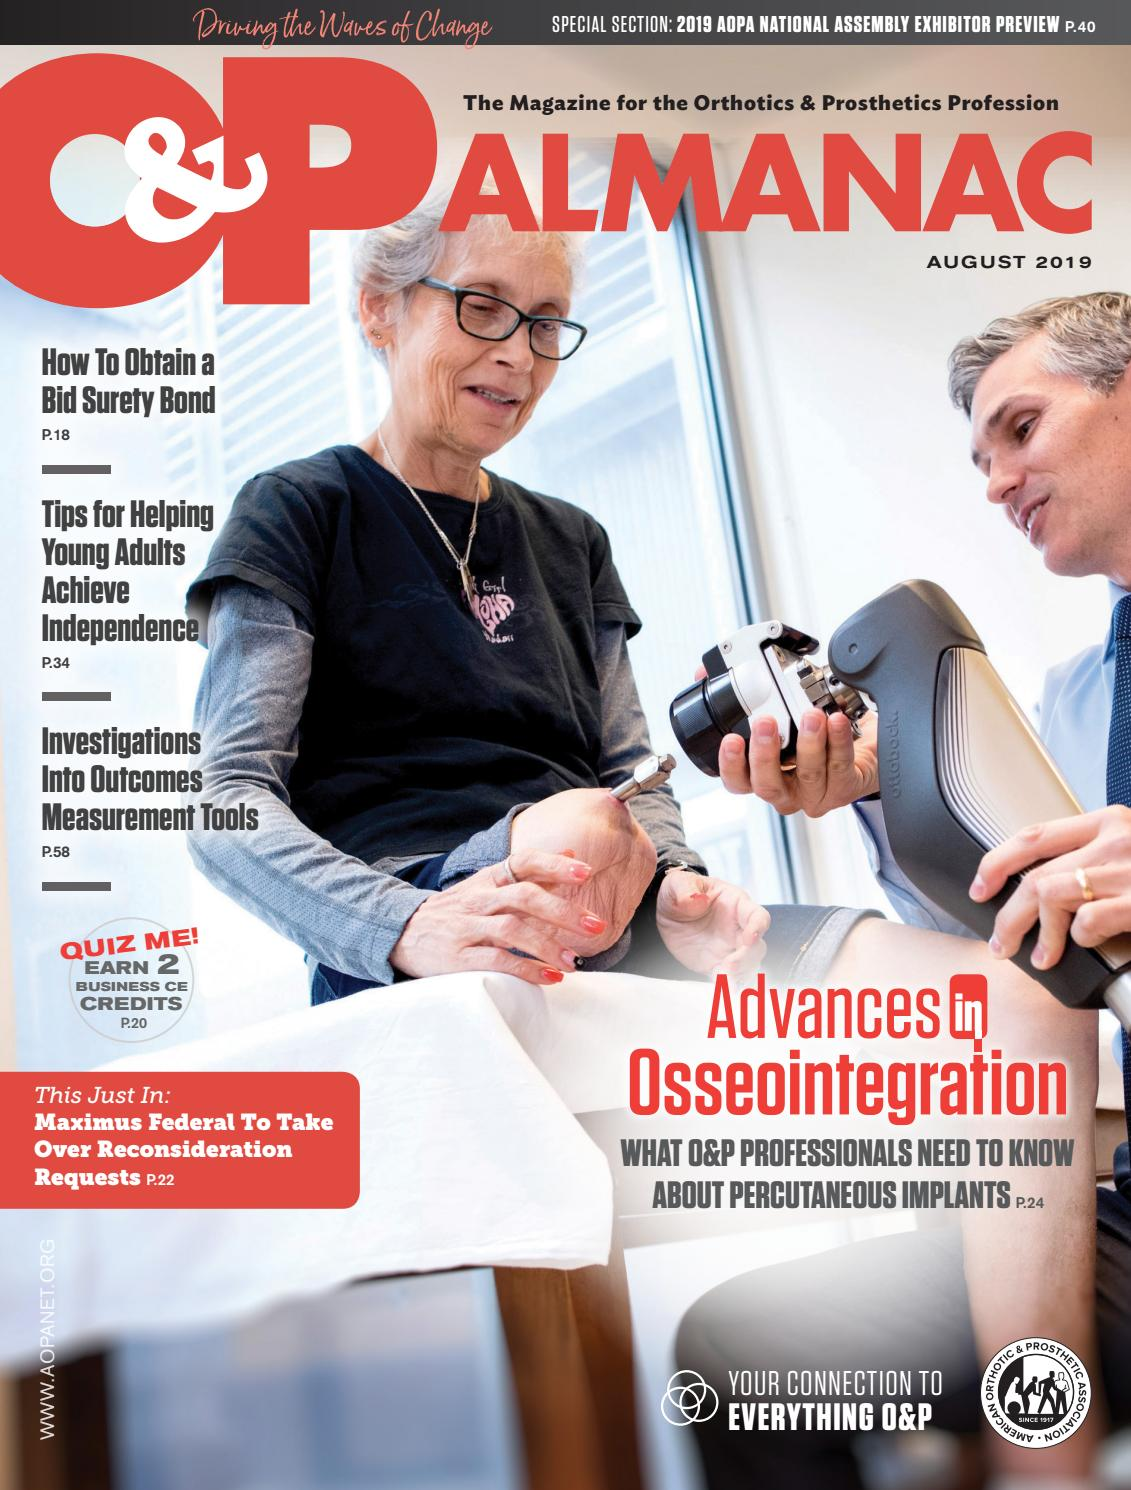 August 2019 O&P Almanac by AOPA - issuu